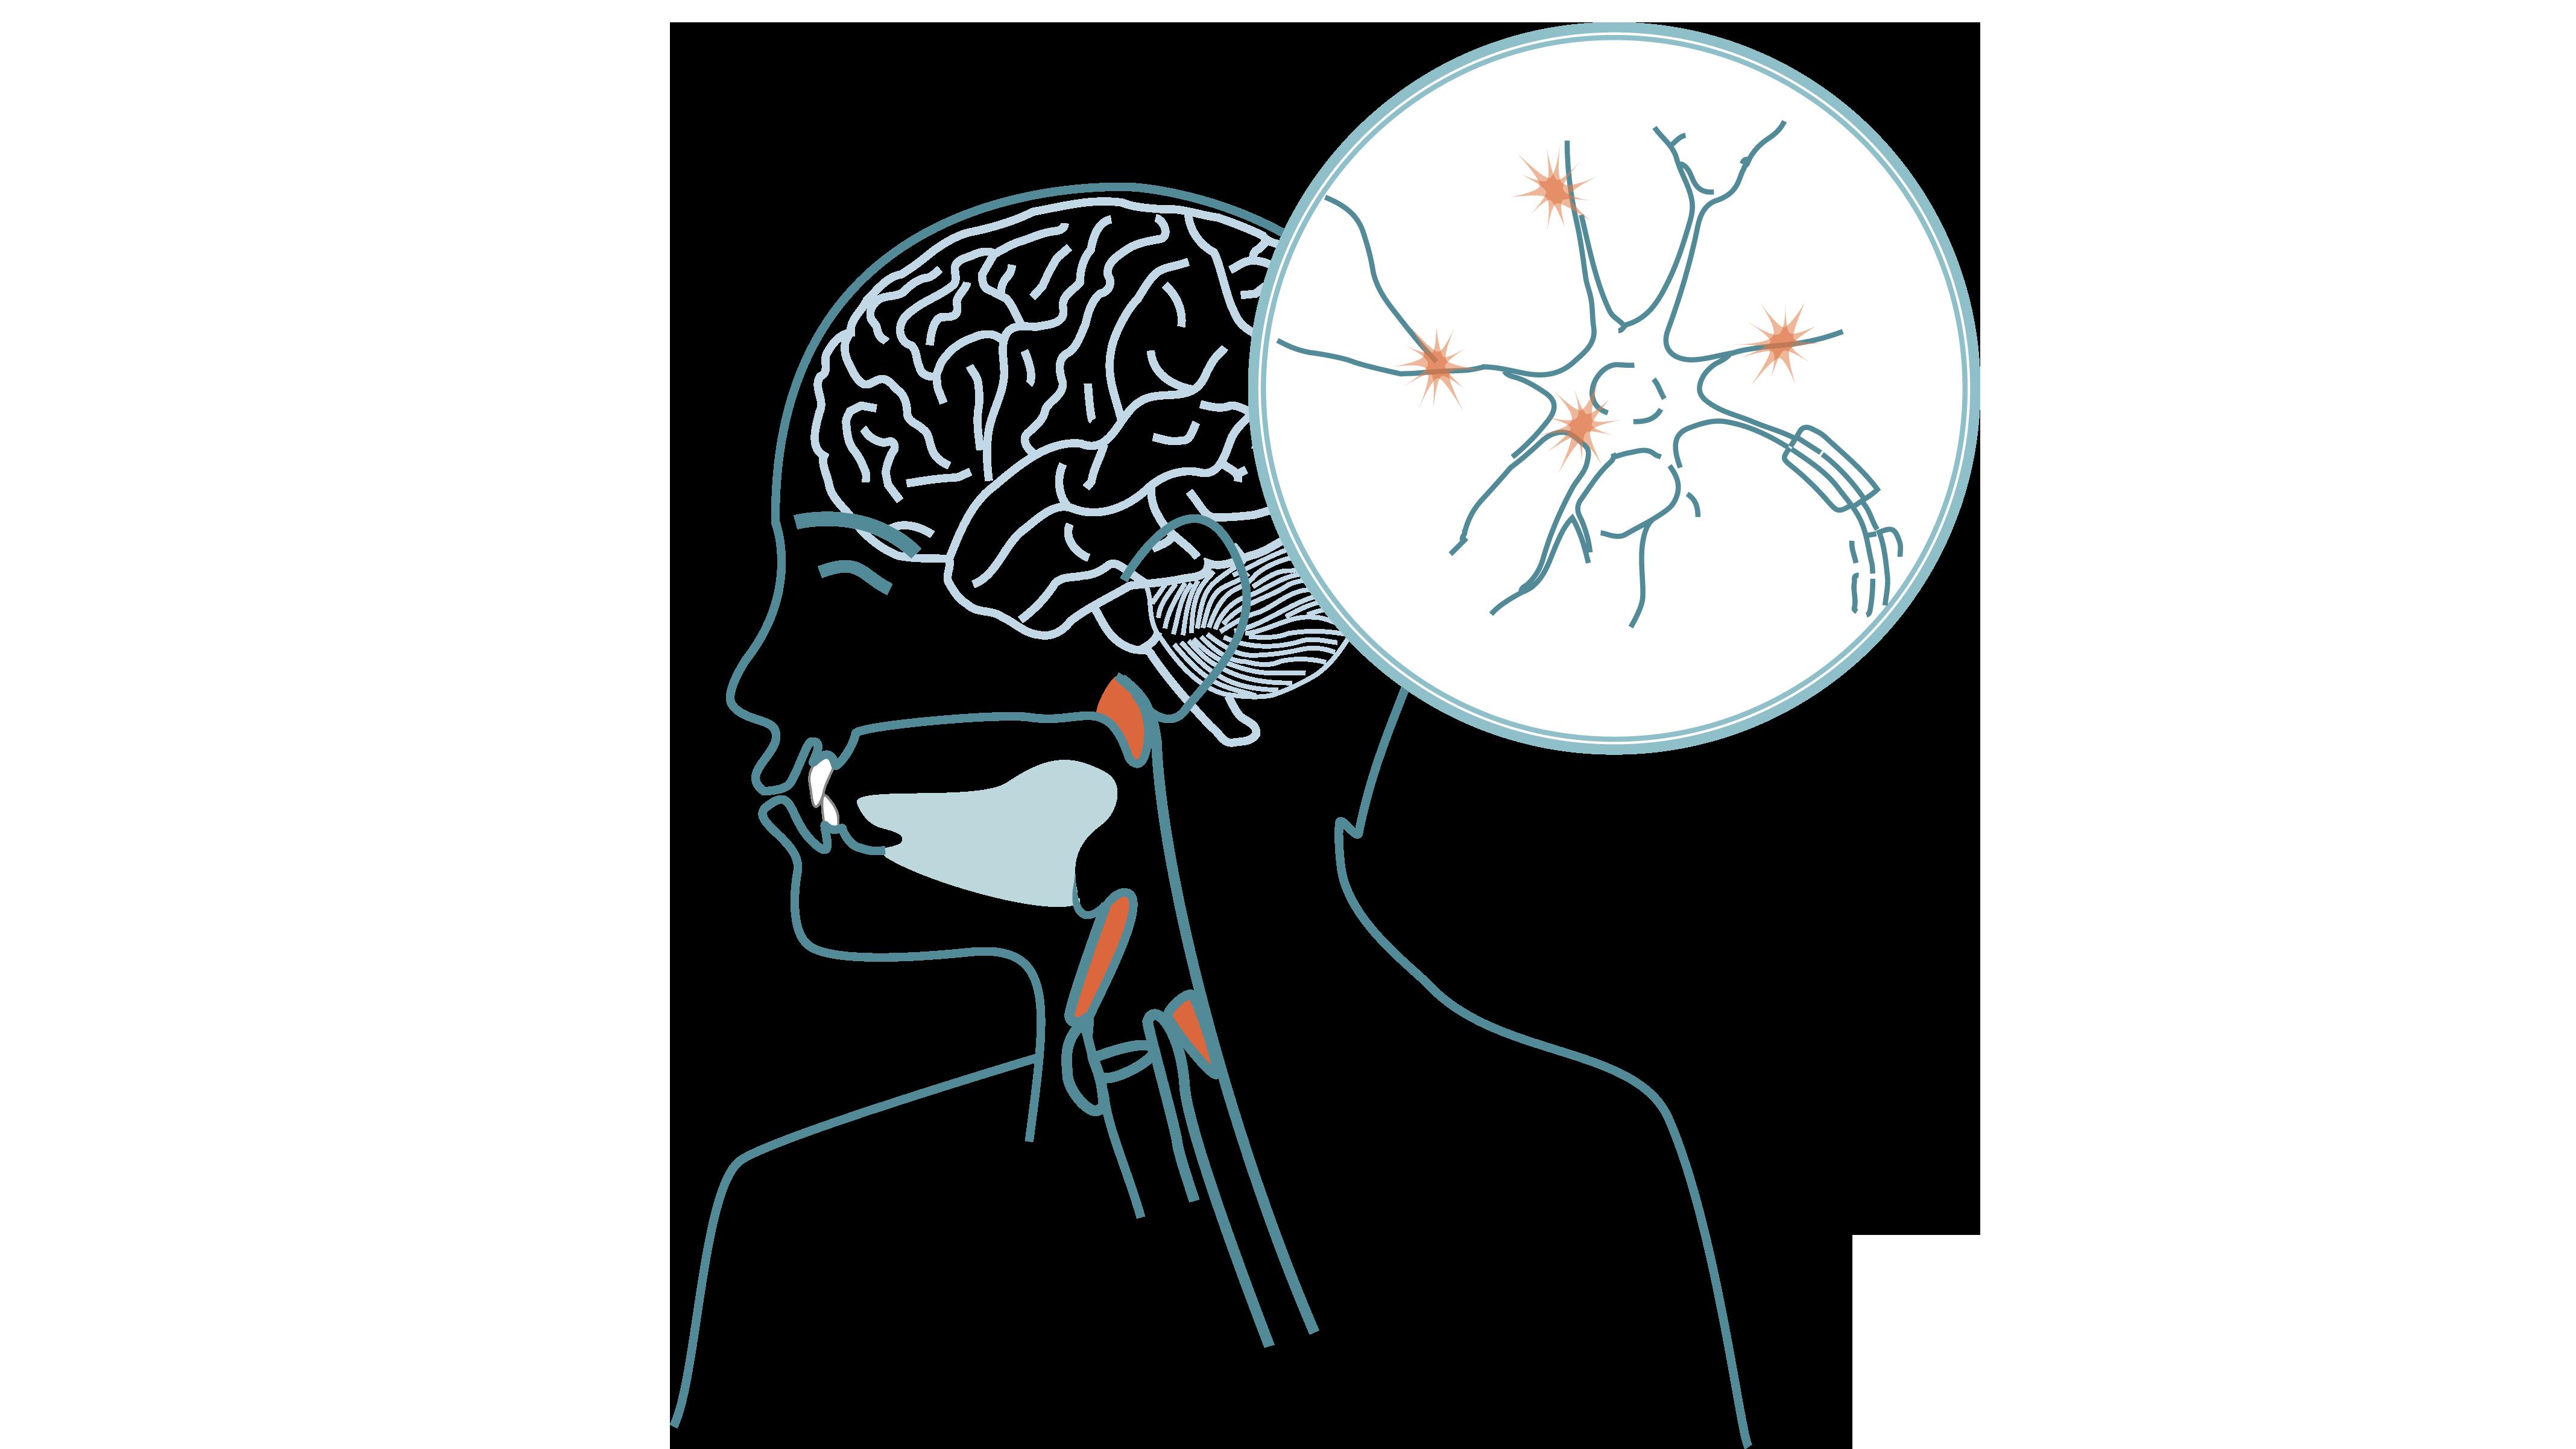 Neurologiska sjukdommar (MS, Parkinssons, ALS)